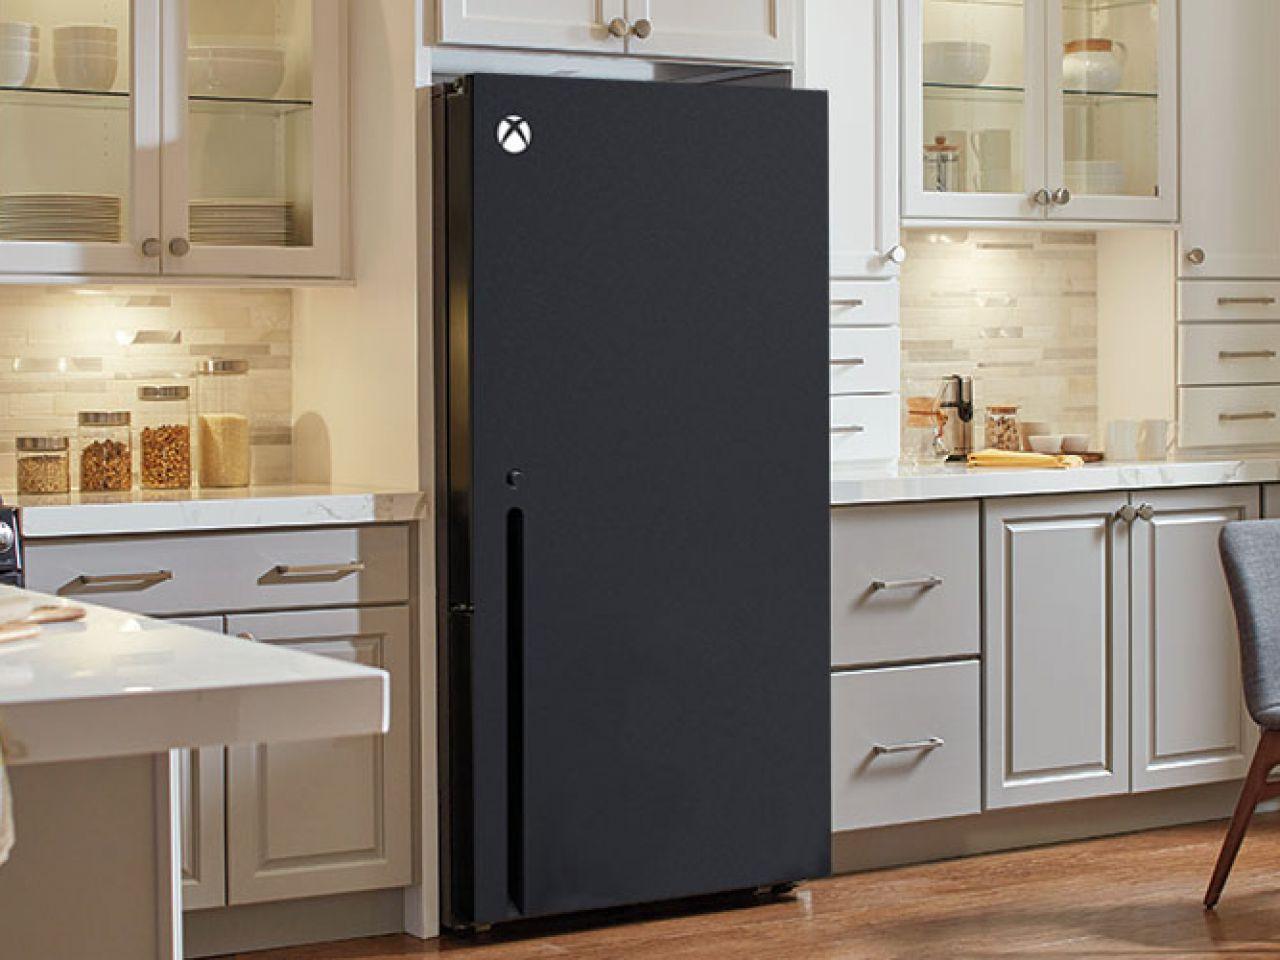 Il frigo a forma di Xbox Series X consegnato a Snoop Dogg